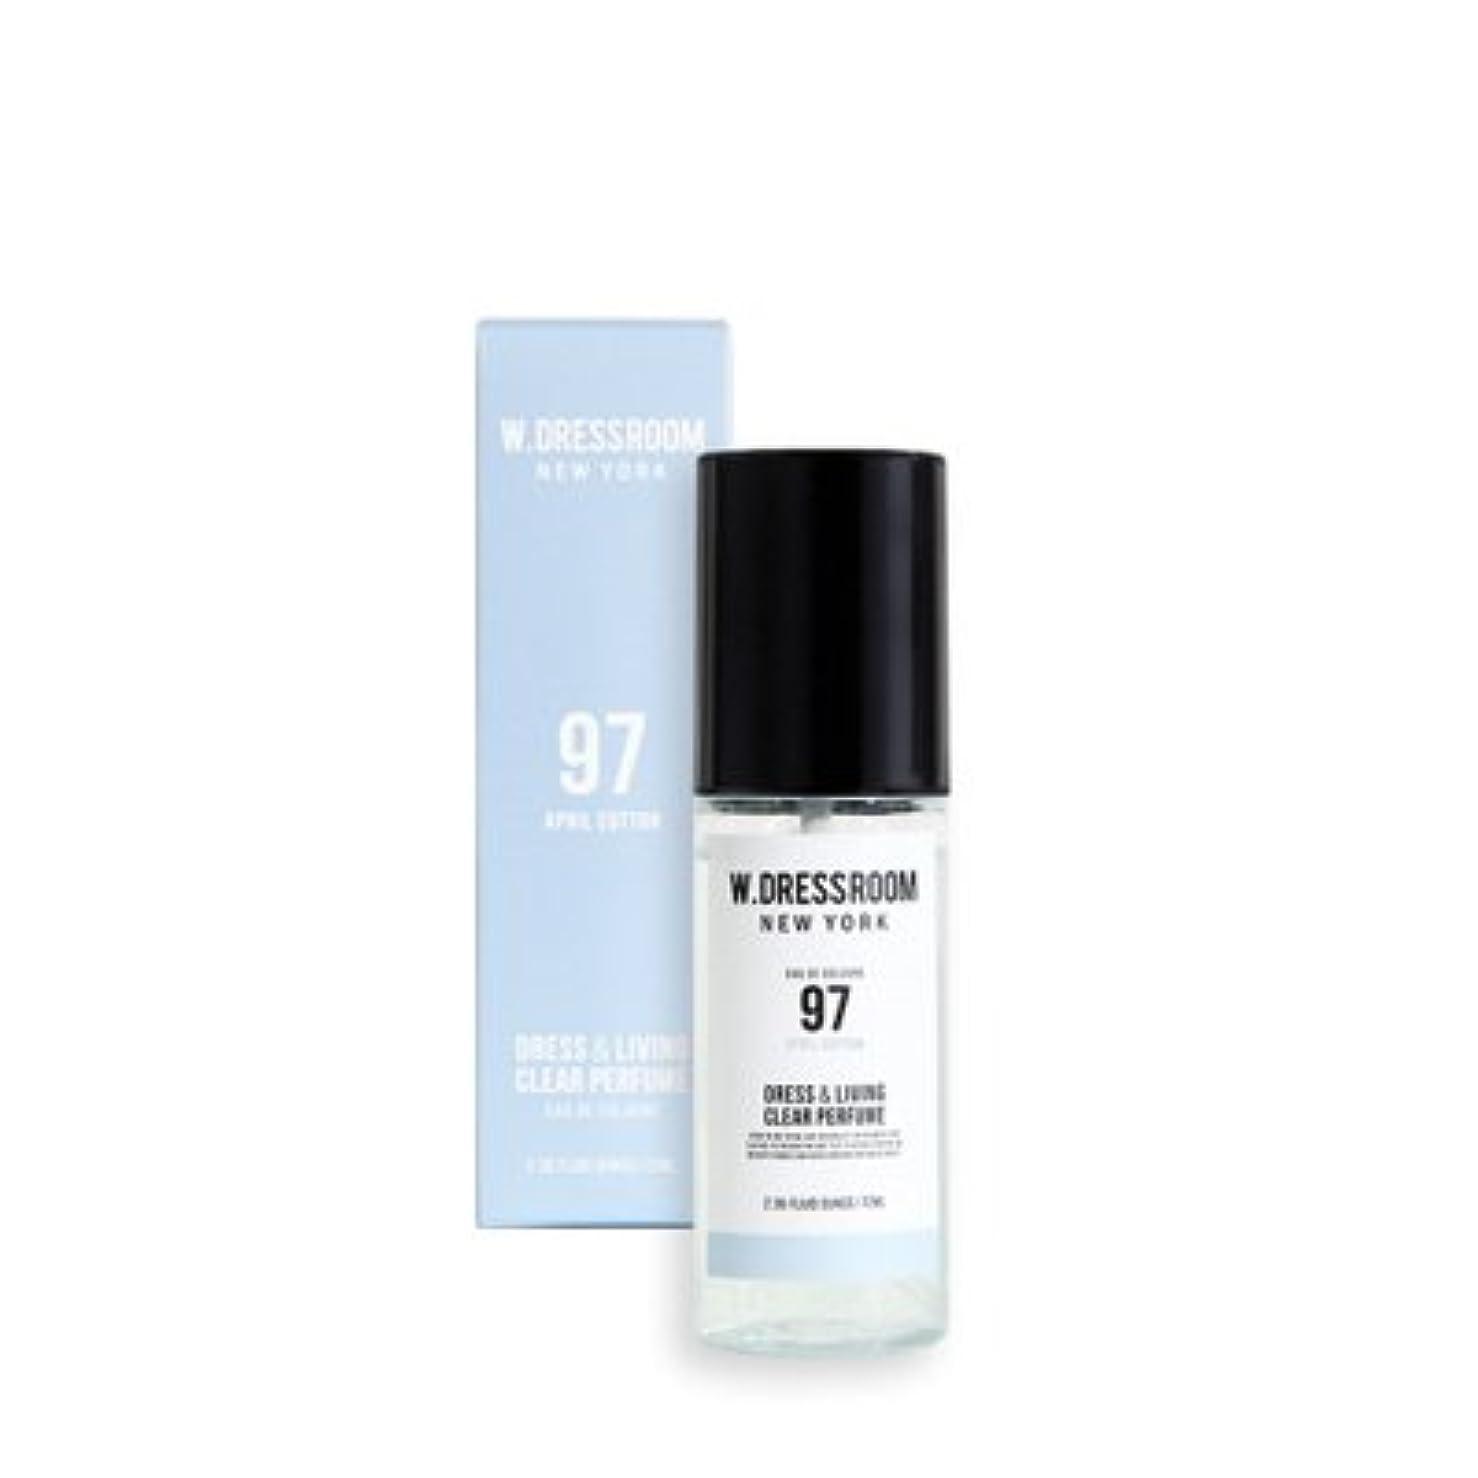 休憩する激しい証明書【国内発送】【W.DRESSROOM】ダブルドレスルーム ドレス&リビング クリア パフューム 70ml / W.DRESSROOM Dress Living Clear Perfume 70ml (#No.97 April Cotton)